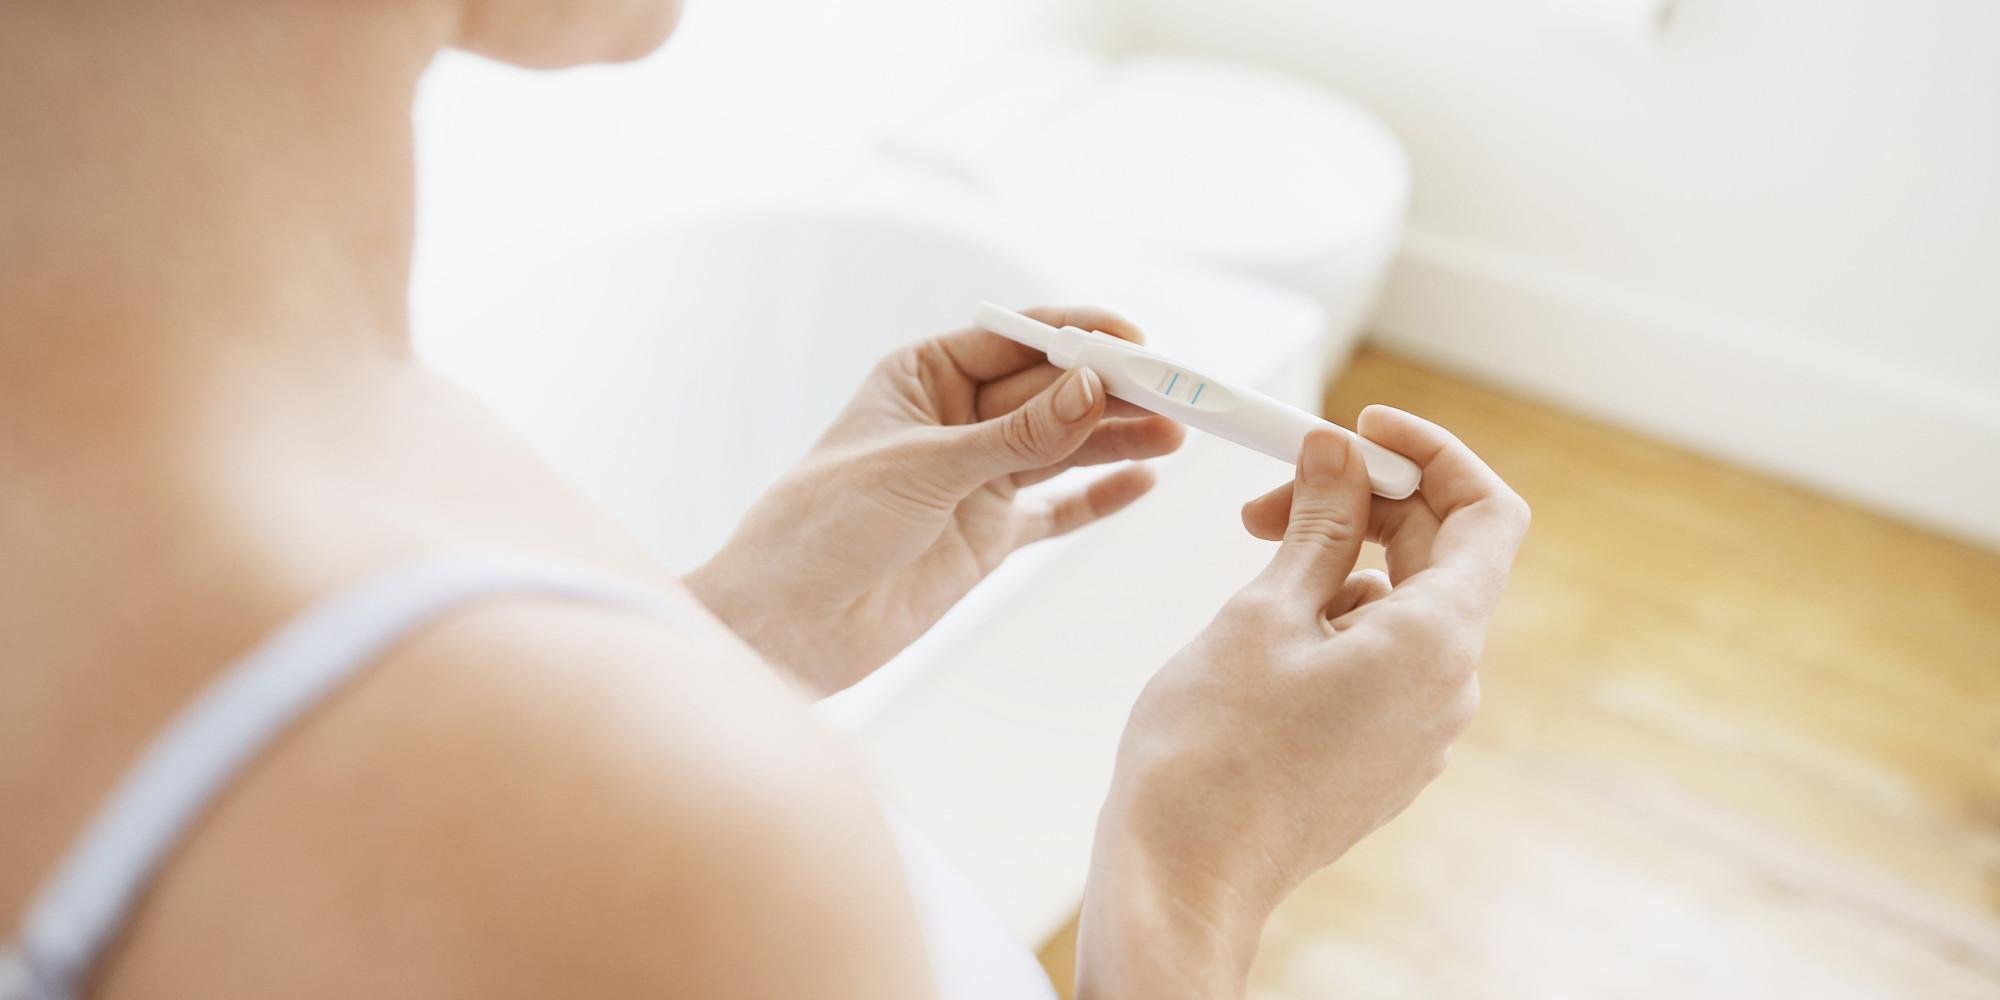 Как убрать тошноту в домашних условиях беременной 85